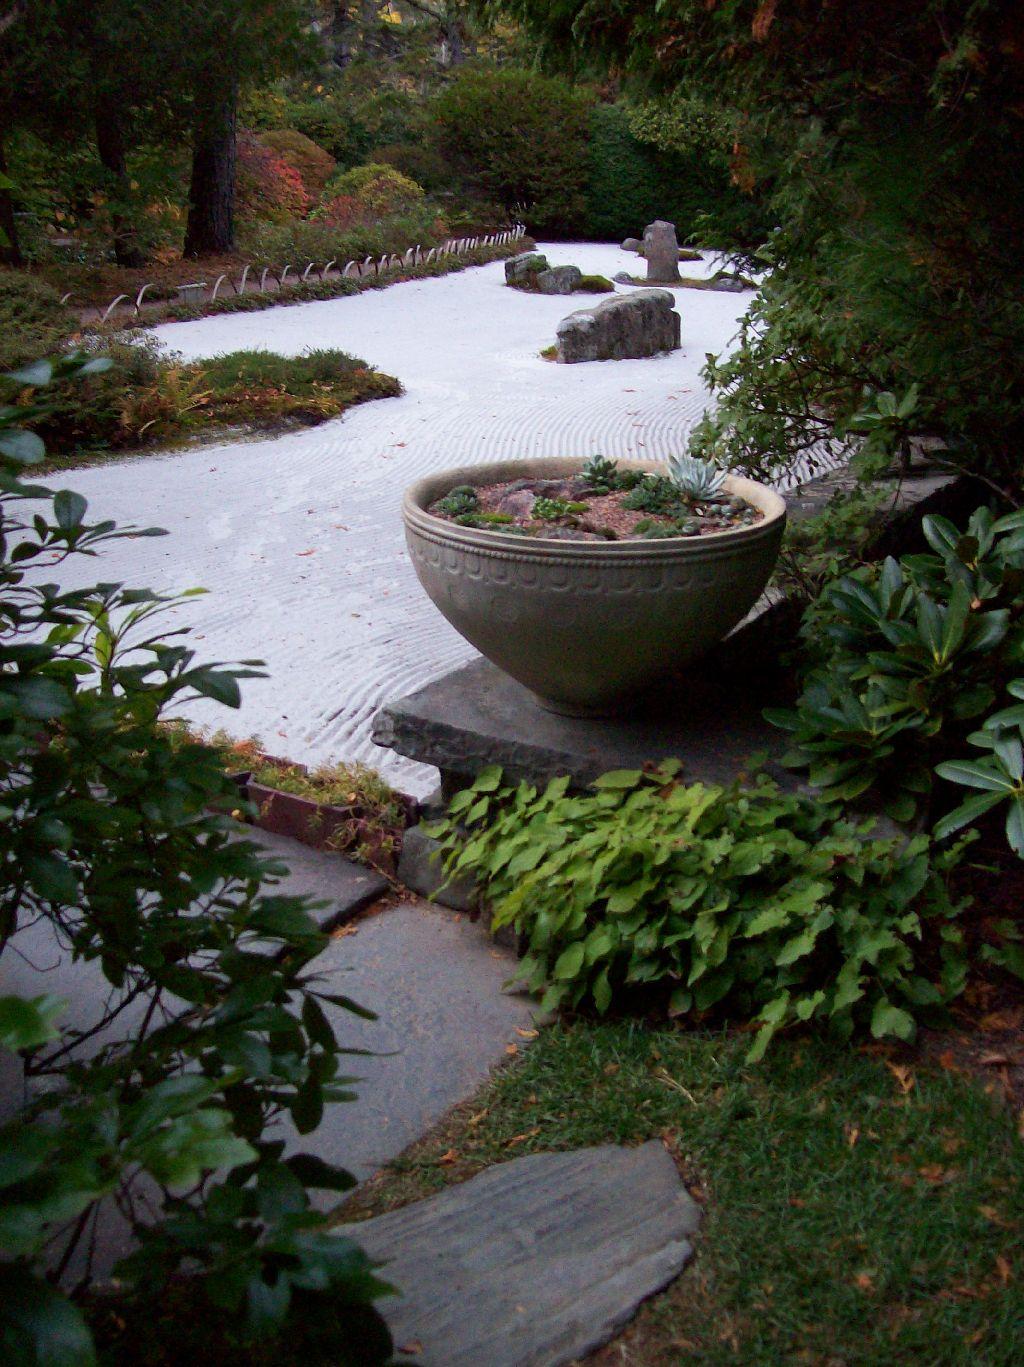 The Vermont Gardener: October 2010